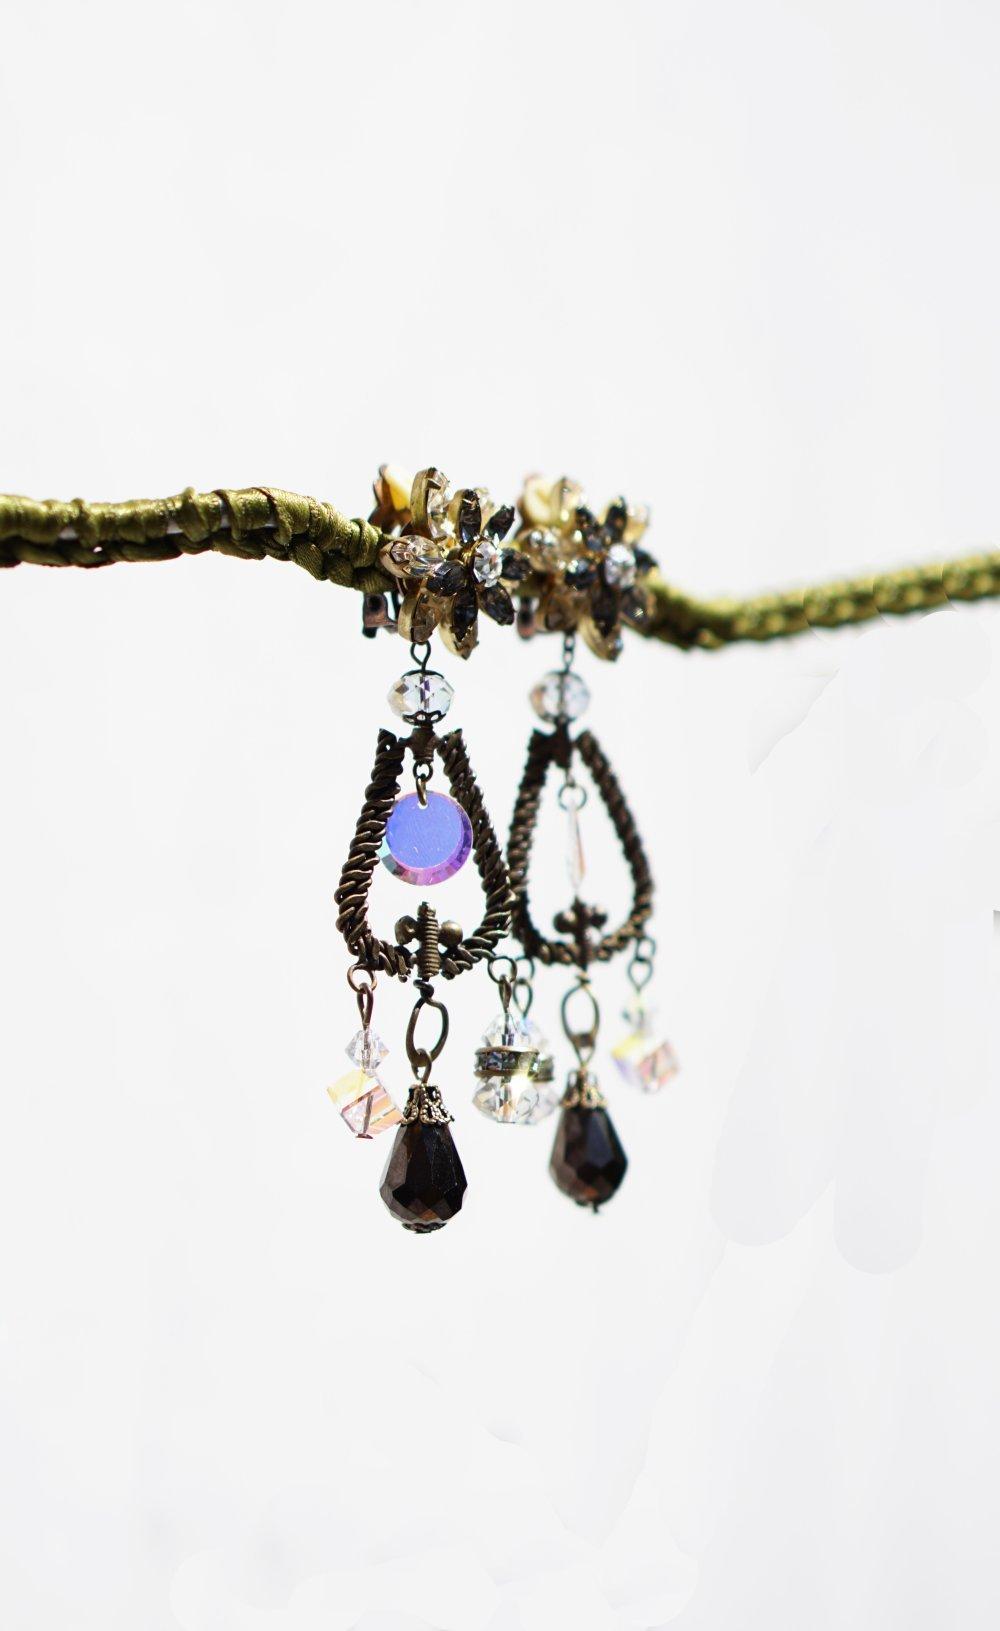 CLIPS Boucles d'oreilles Clips longues Cristal Swarovski & Bronze Murano Bijoux Création Française Fait main nickel free Cadeau pour elle